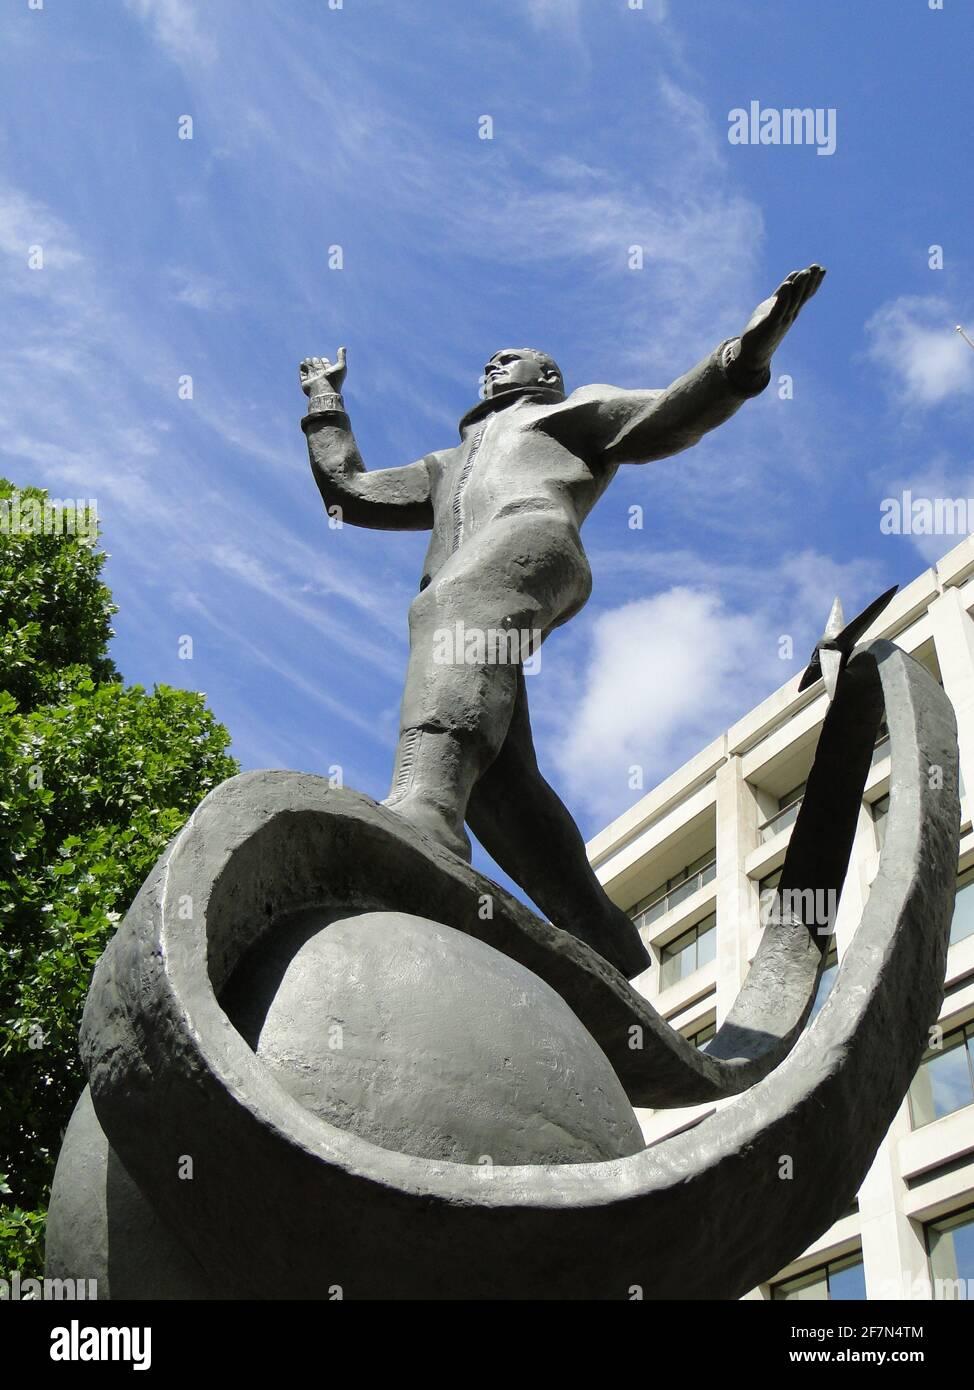 Dévoilement de la statue à Yuri Gagarin - le premier homme dans le cosmos au British Council Building à Londres, Royaume-Uni Banque D'Images